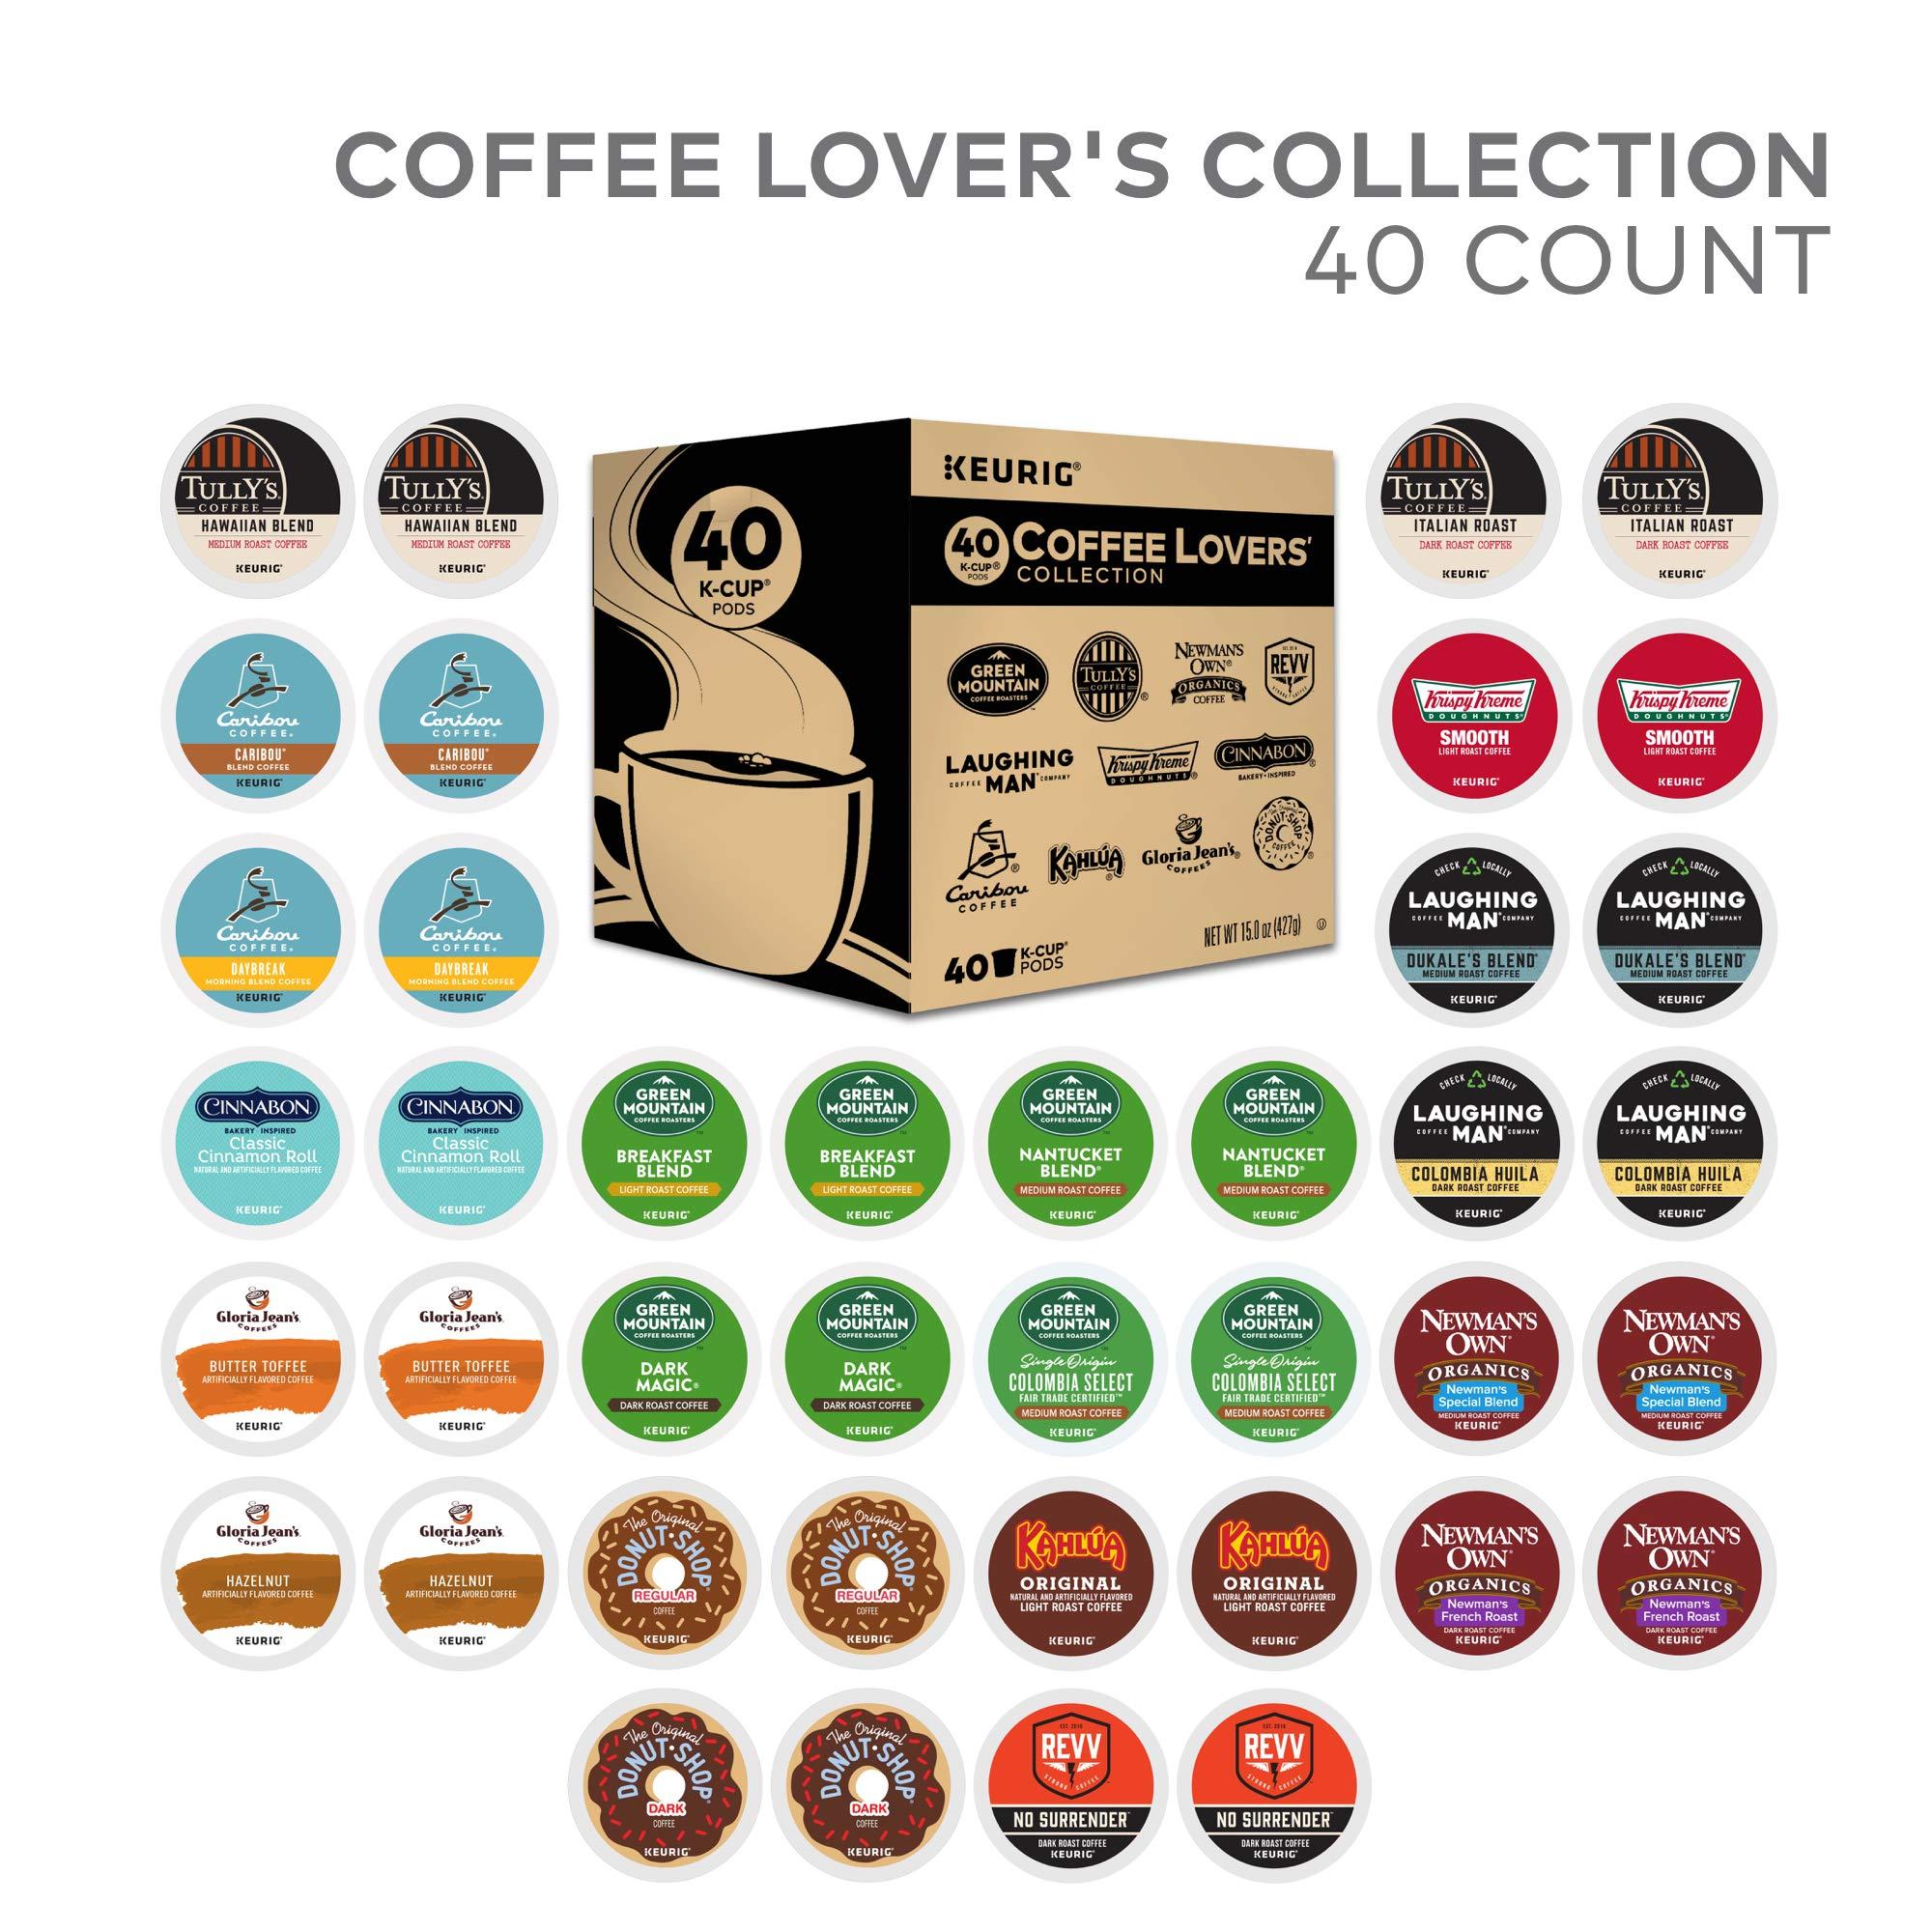 Green Mountain Coffee Keurig Coffee Lover's Variety Pack Single-Serve K-Cup Sampler, 40 Count by Keurig